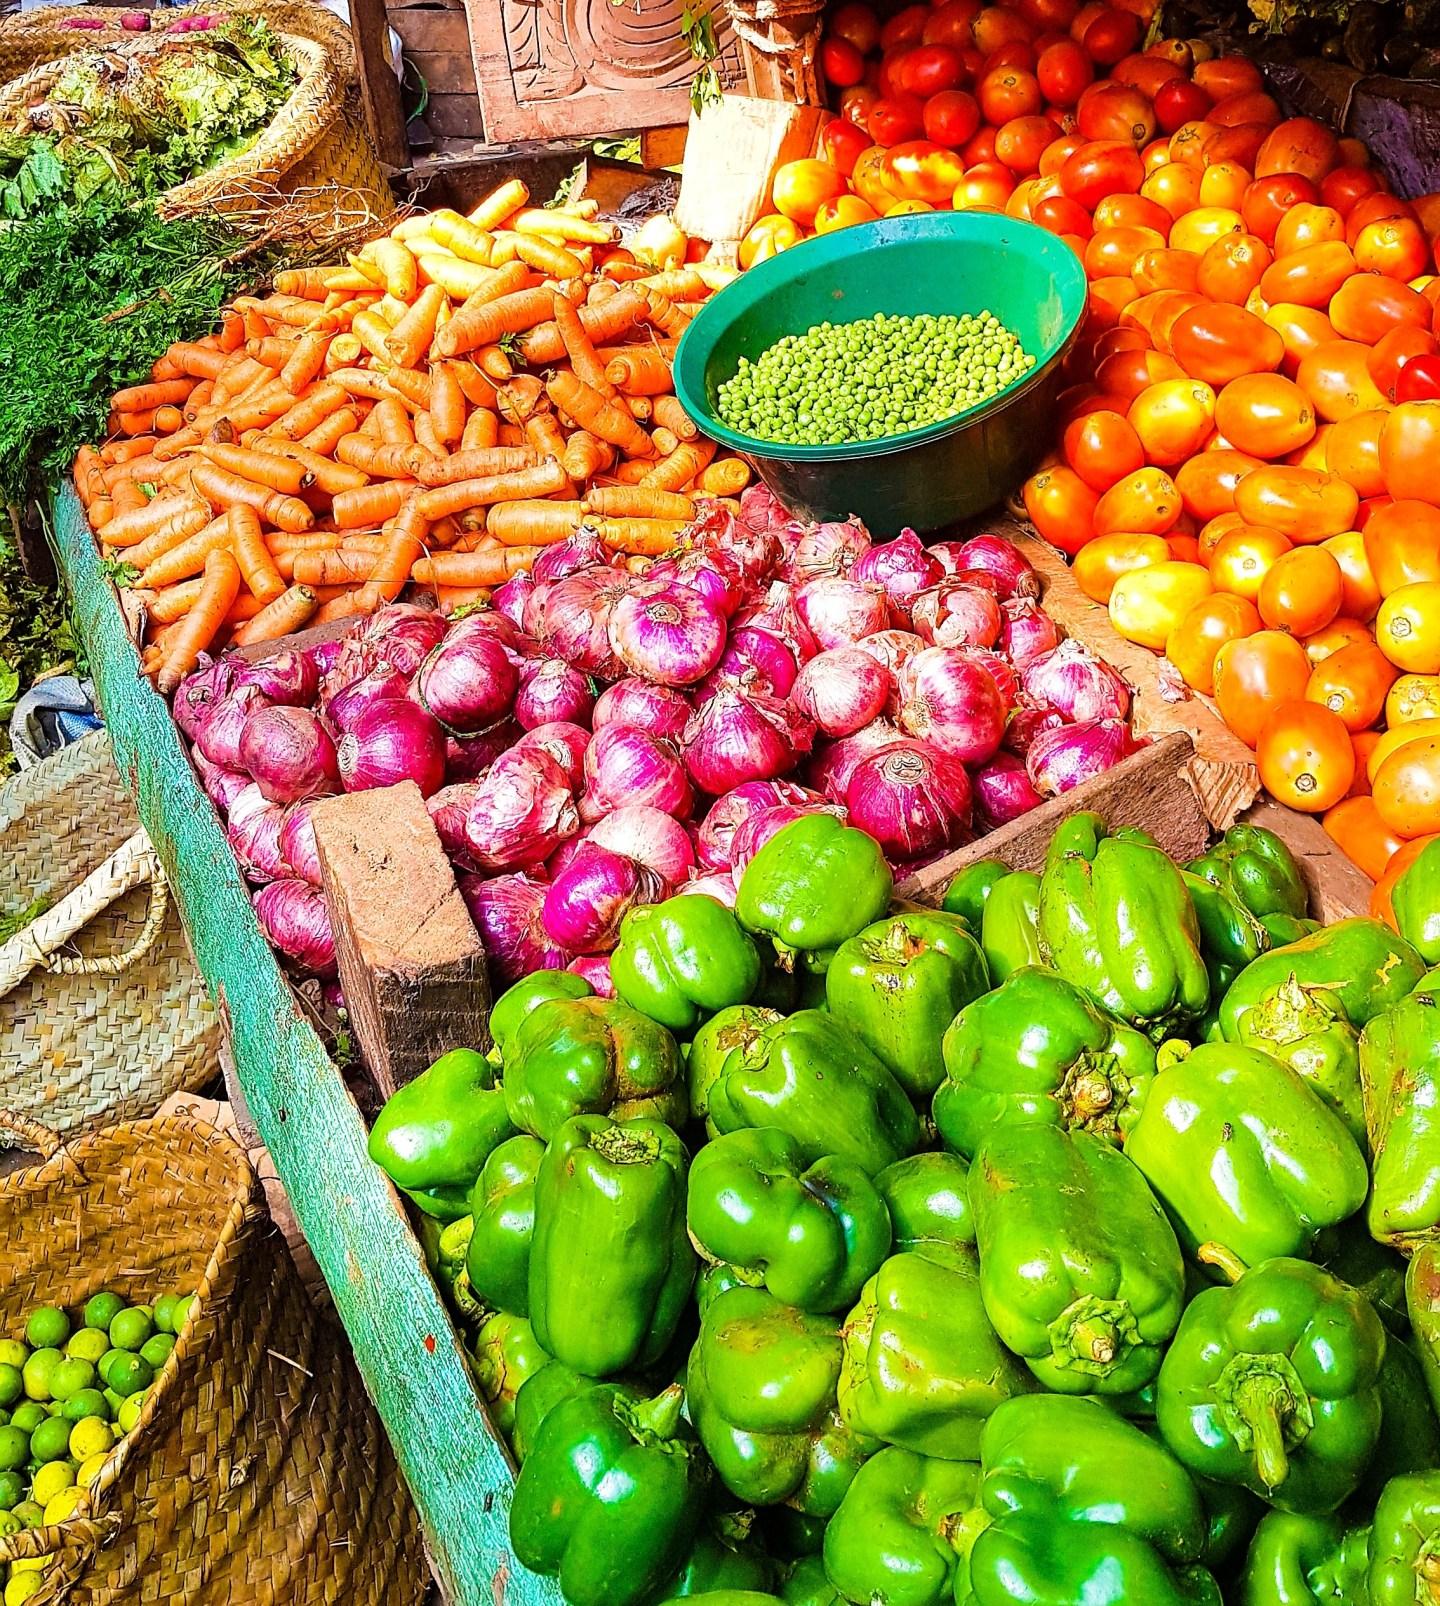 malindi market produce